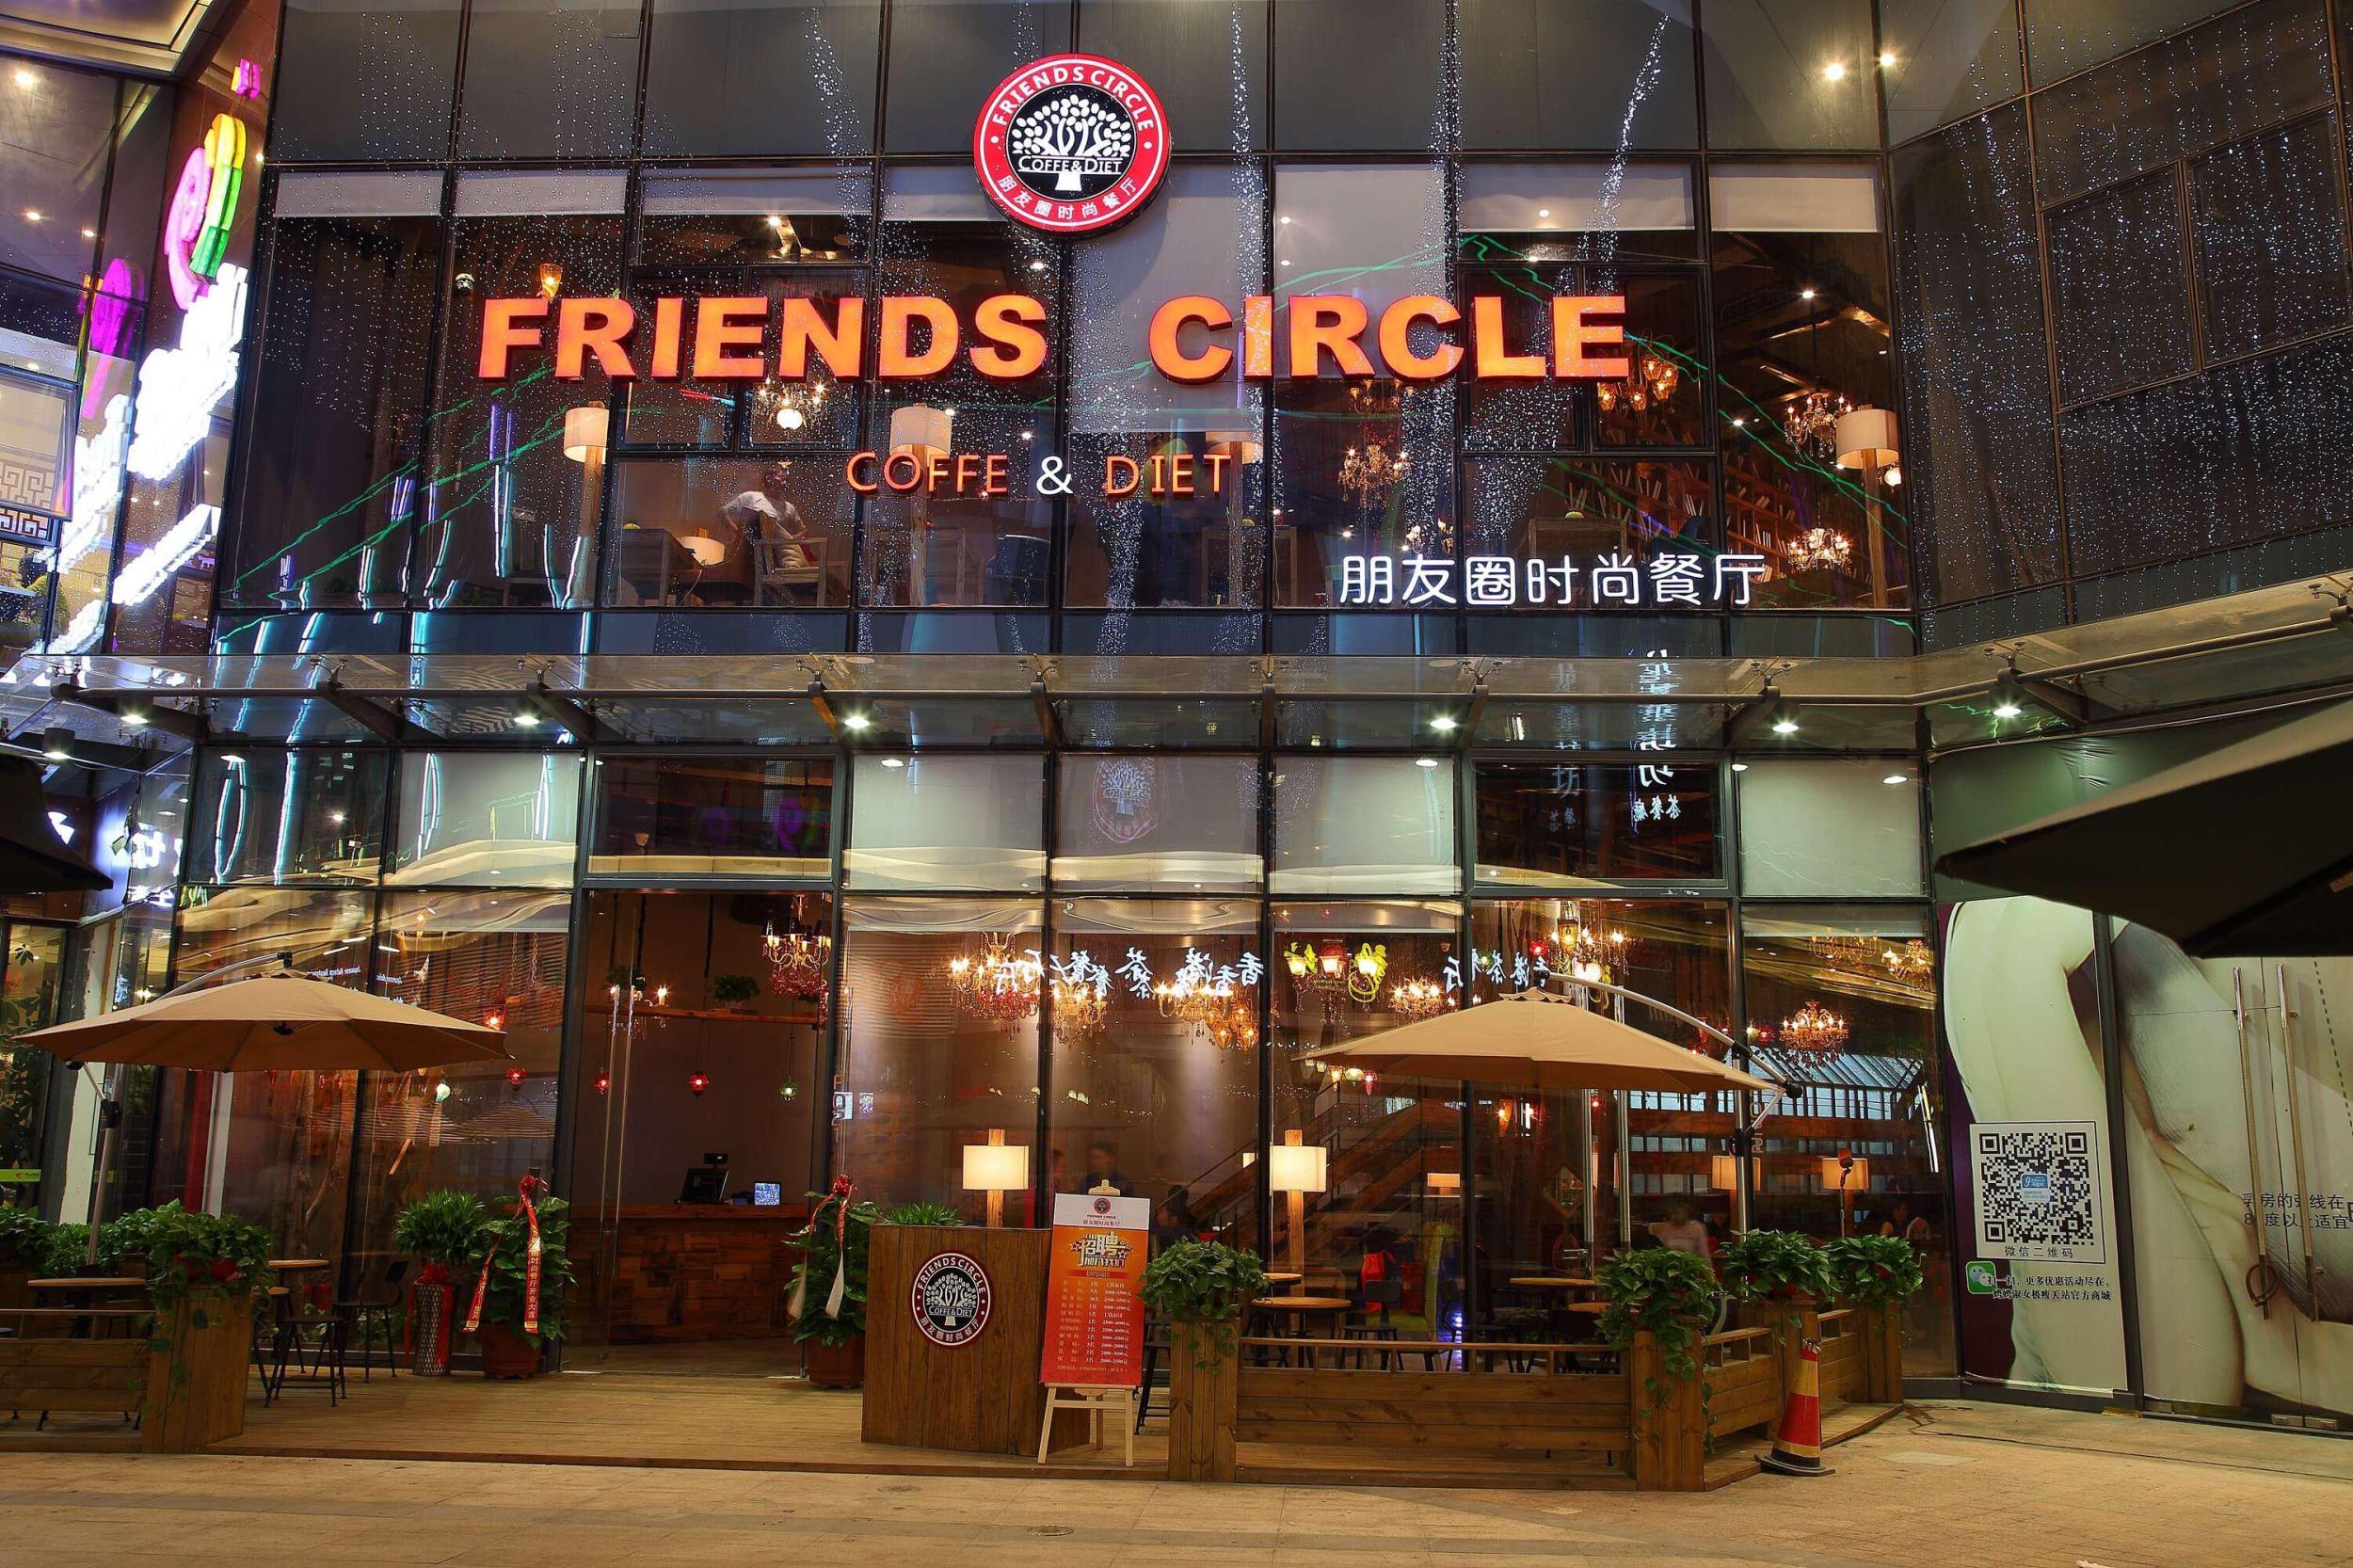 朋友圈时尚餐厅